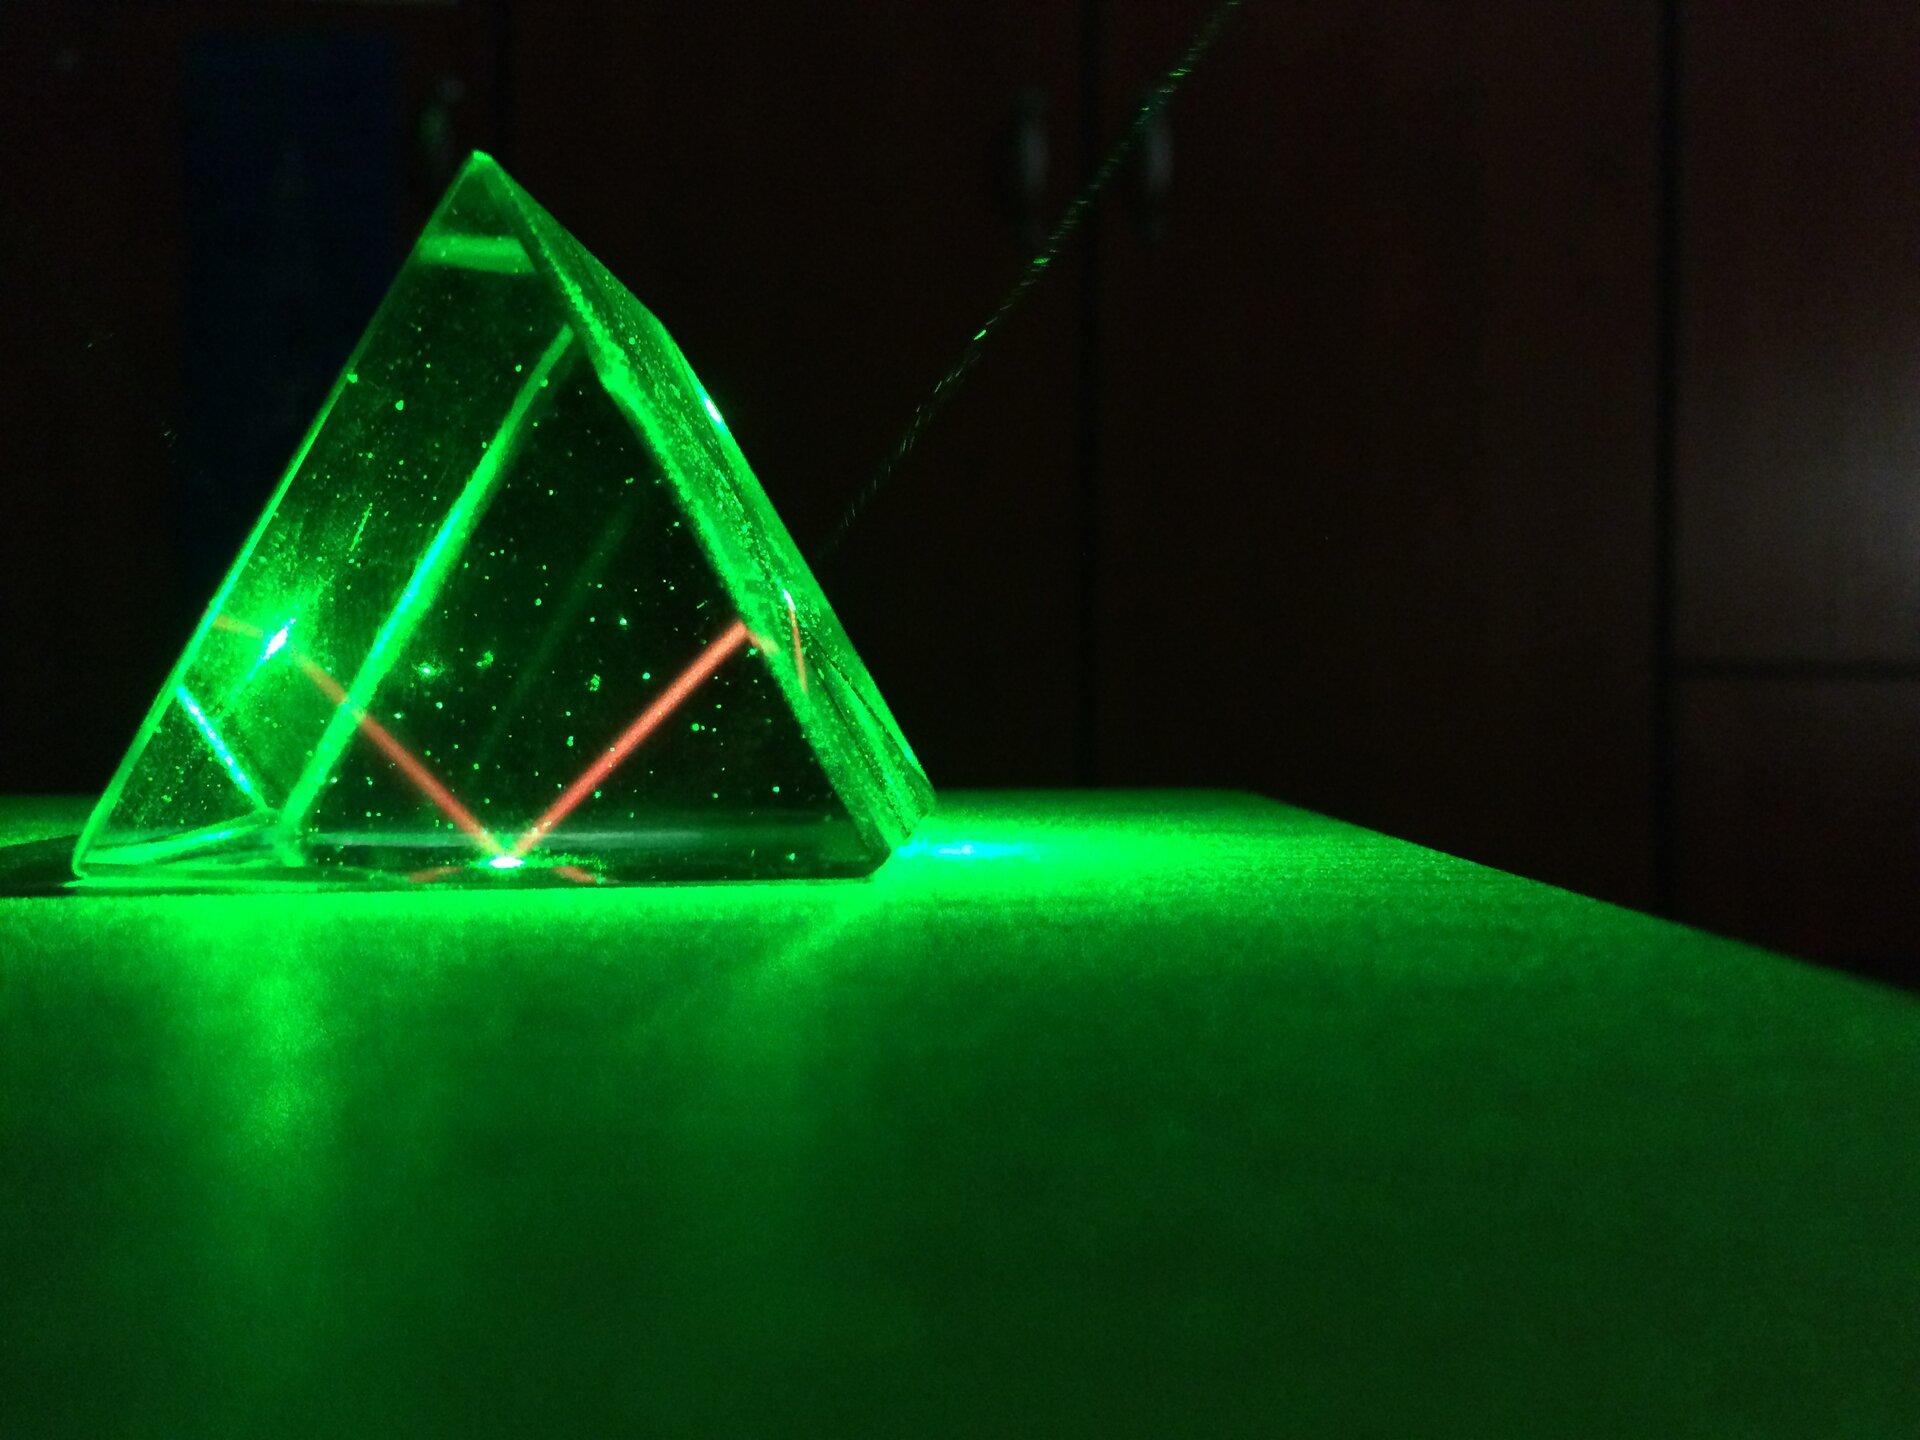 Zdjęcie promienia laserowego przechodzącego przez pryzmat